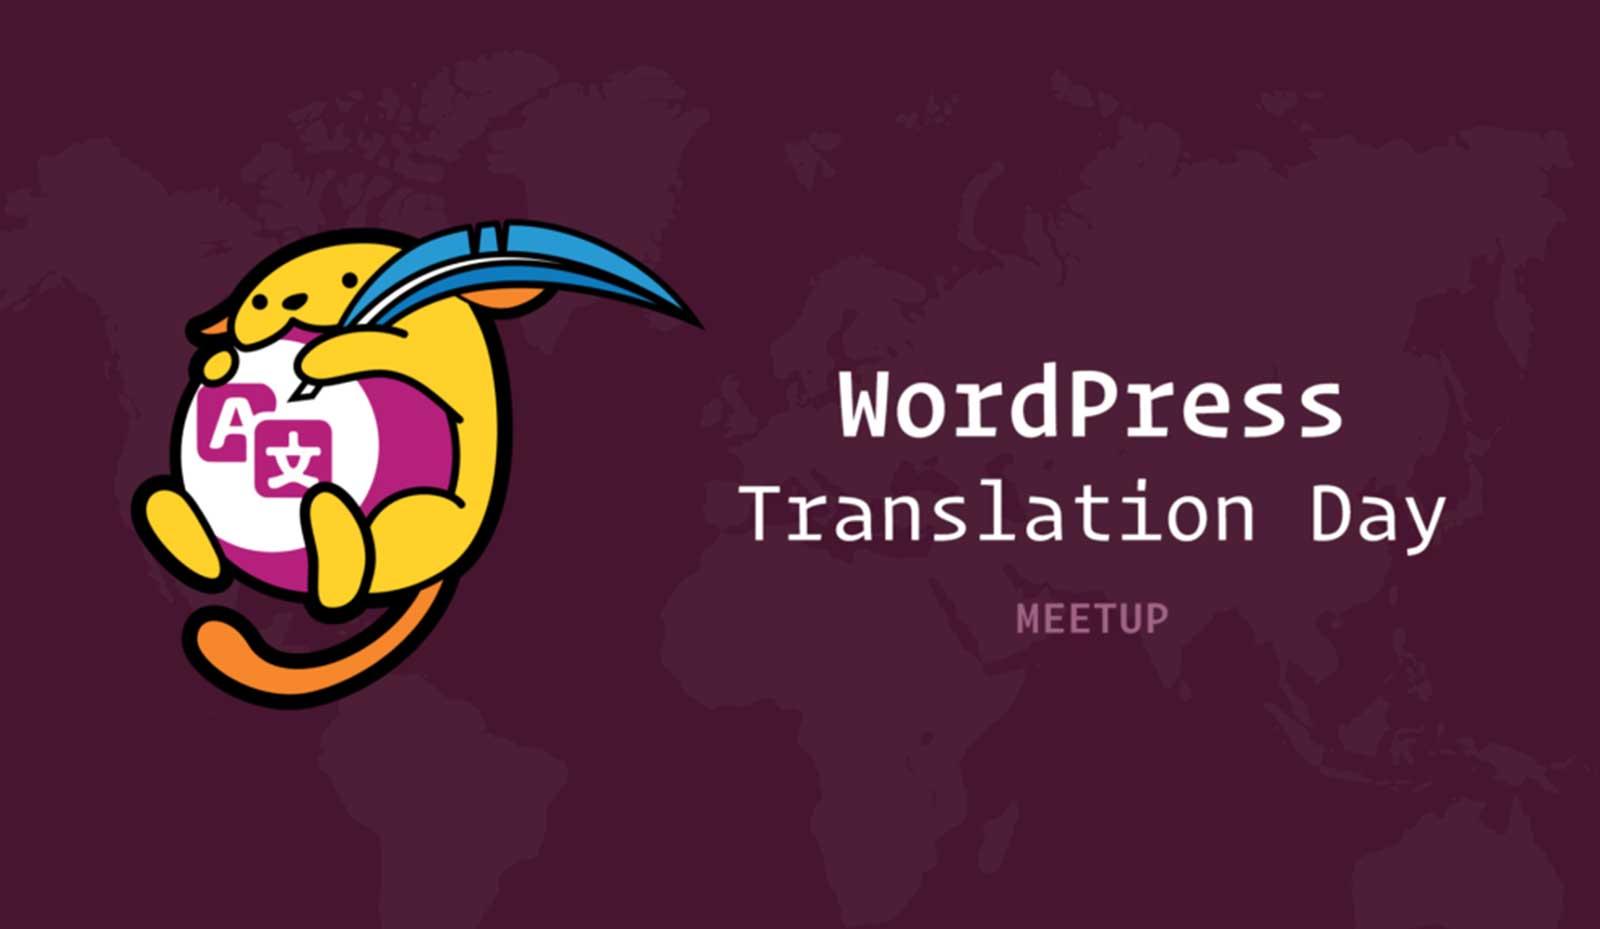 WP translation day 3